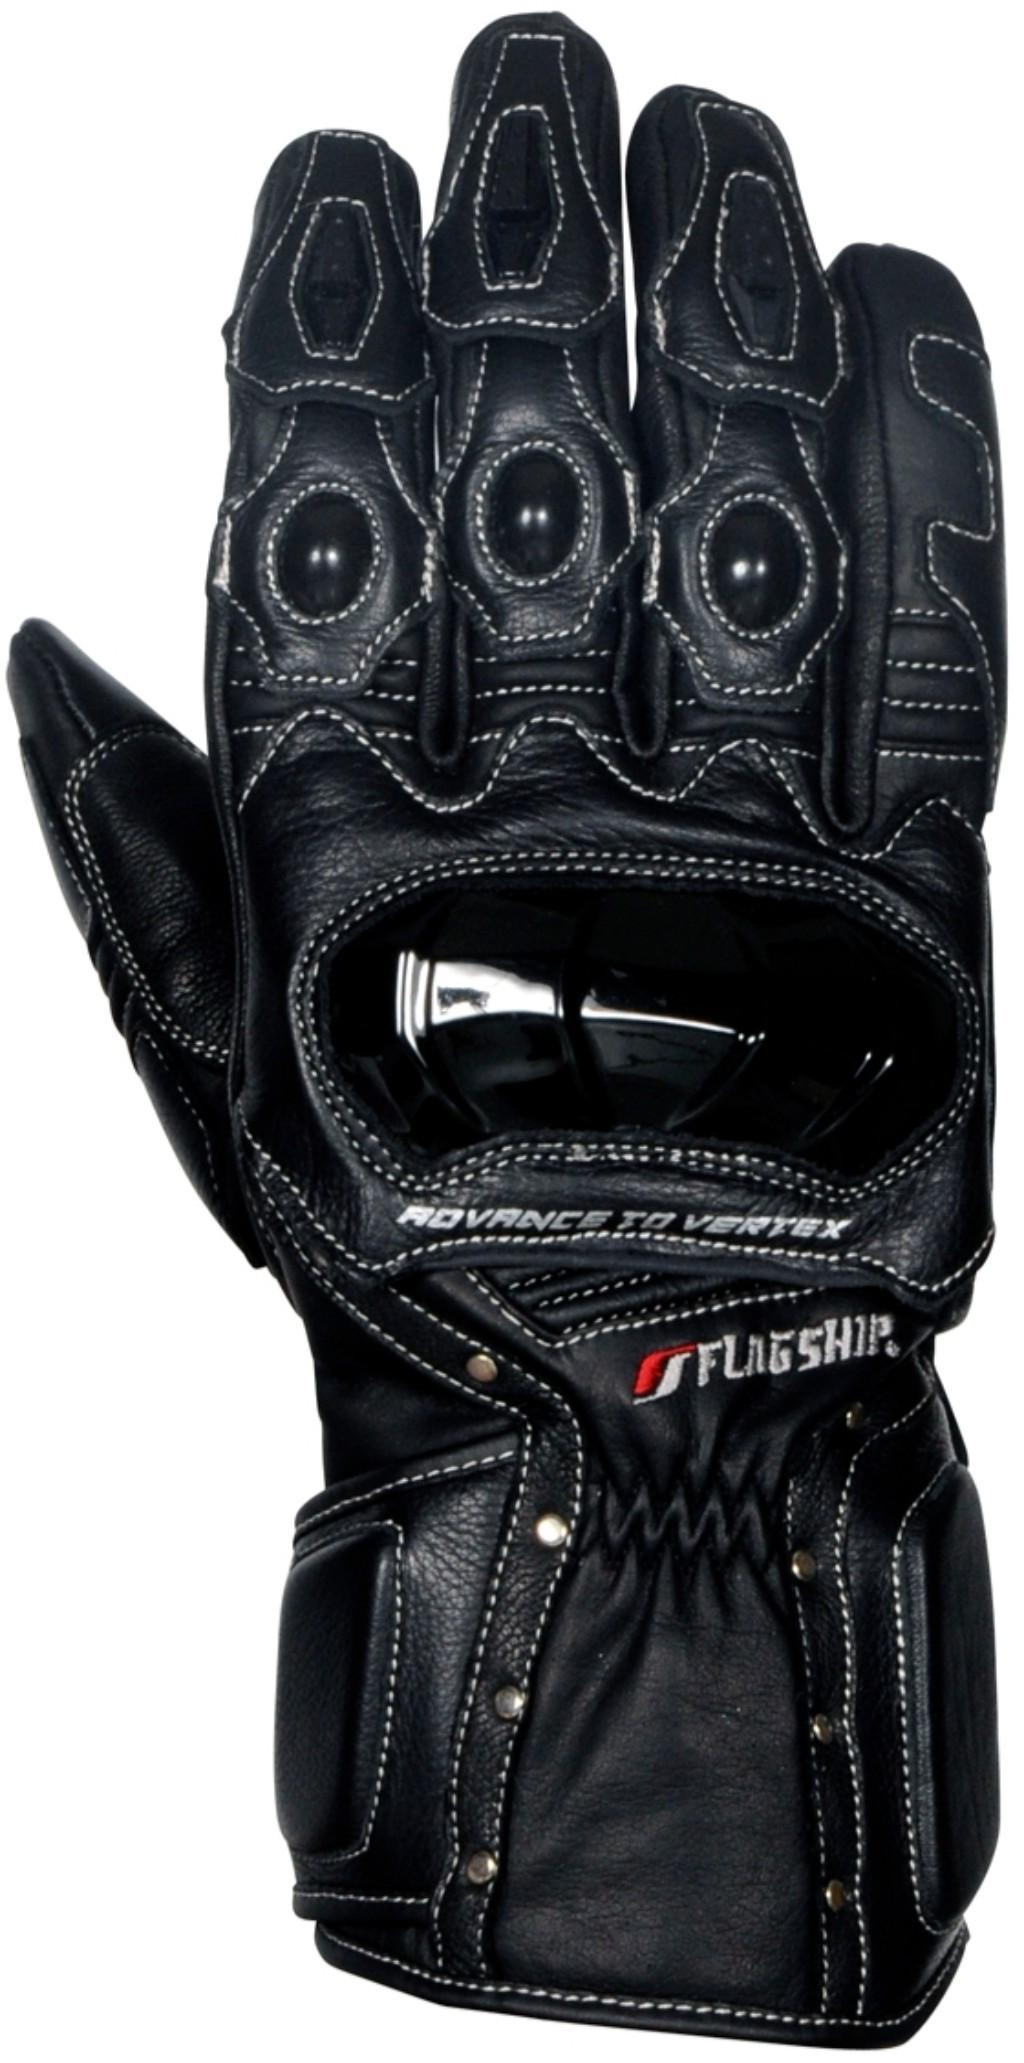 FLAGSHIP フラグシップVertex Leather Glove[バーテックスレザーグローブ]